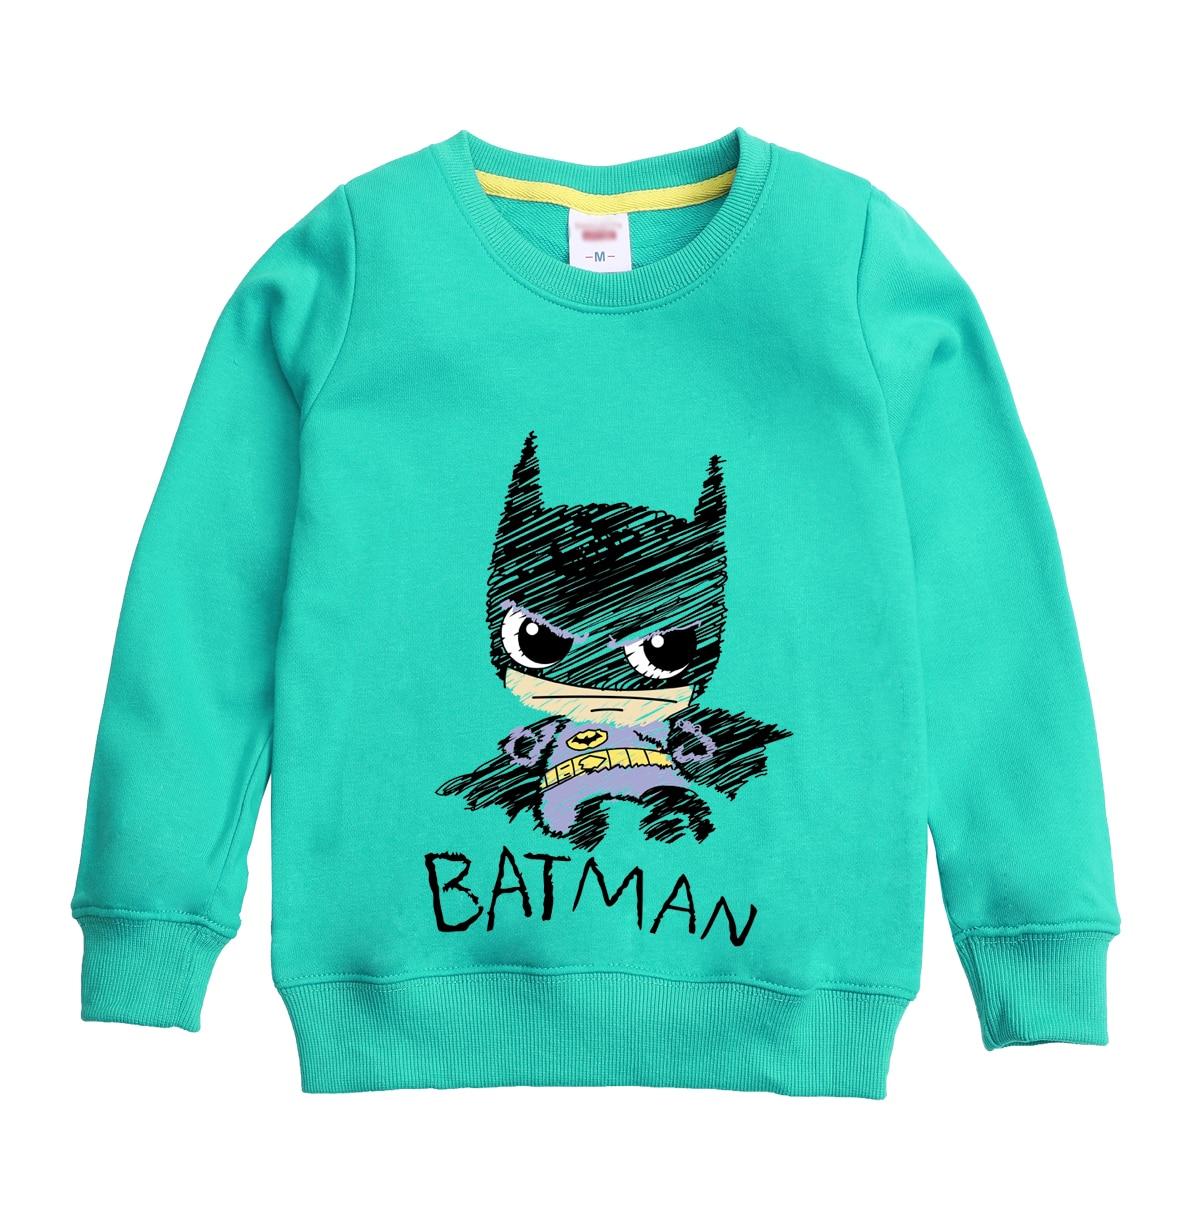 Бэтмен hero печатным рисунком 2018 Новая модная зимняя одежда осенний Свитшот дизайн для мальчика с капюшоном детская одежда для От 4 до 12 лет де...